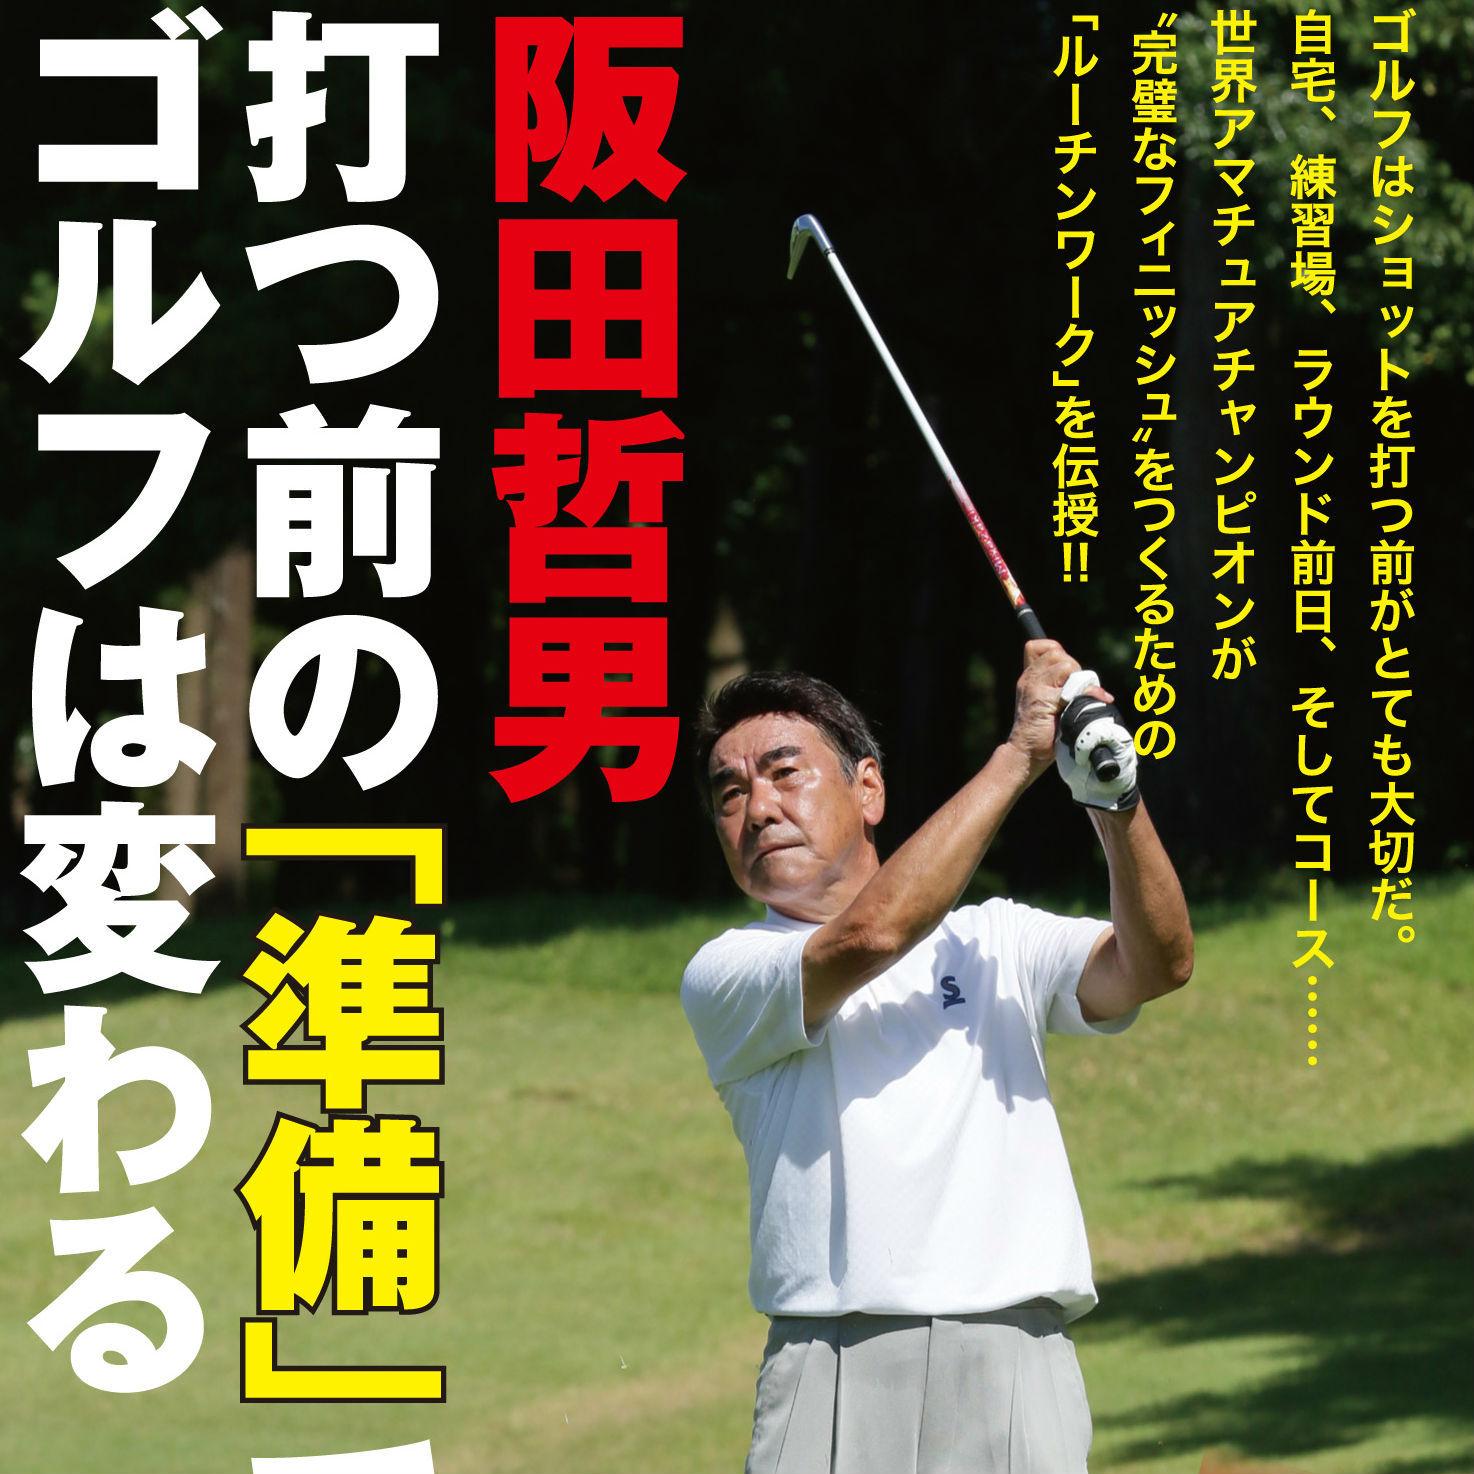 ゴルフは「余裕を持った行動」がいいリズムをつくる!阪田哲男氏の言葉。